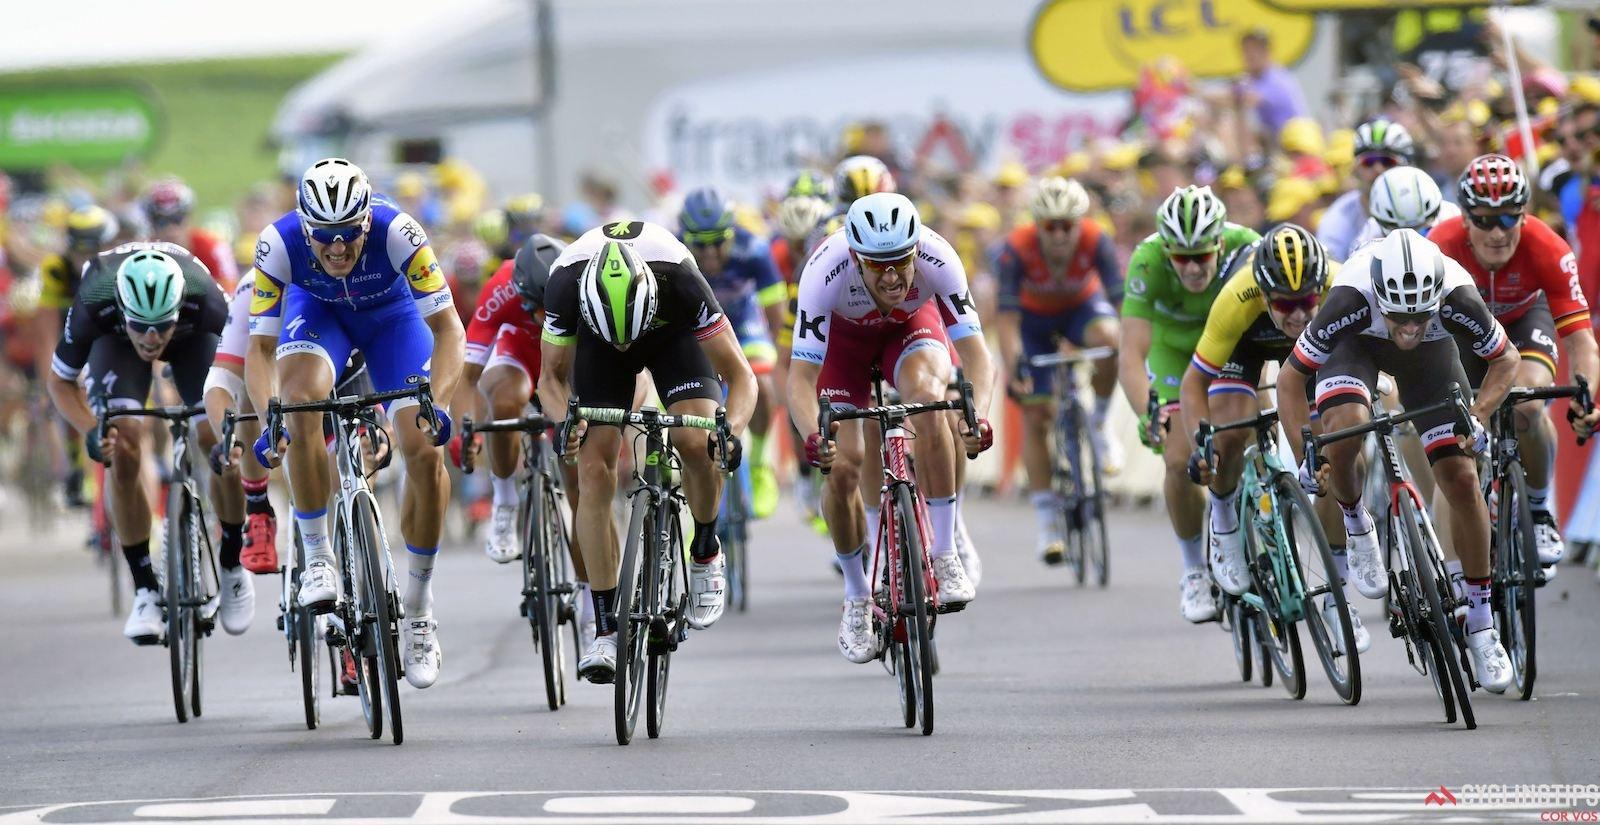 Tour de France 2017: Stage Seven Race Recap